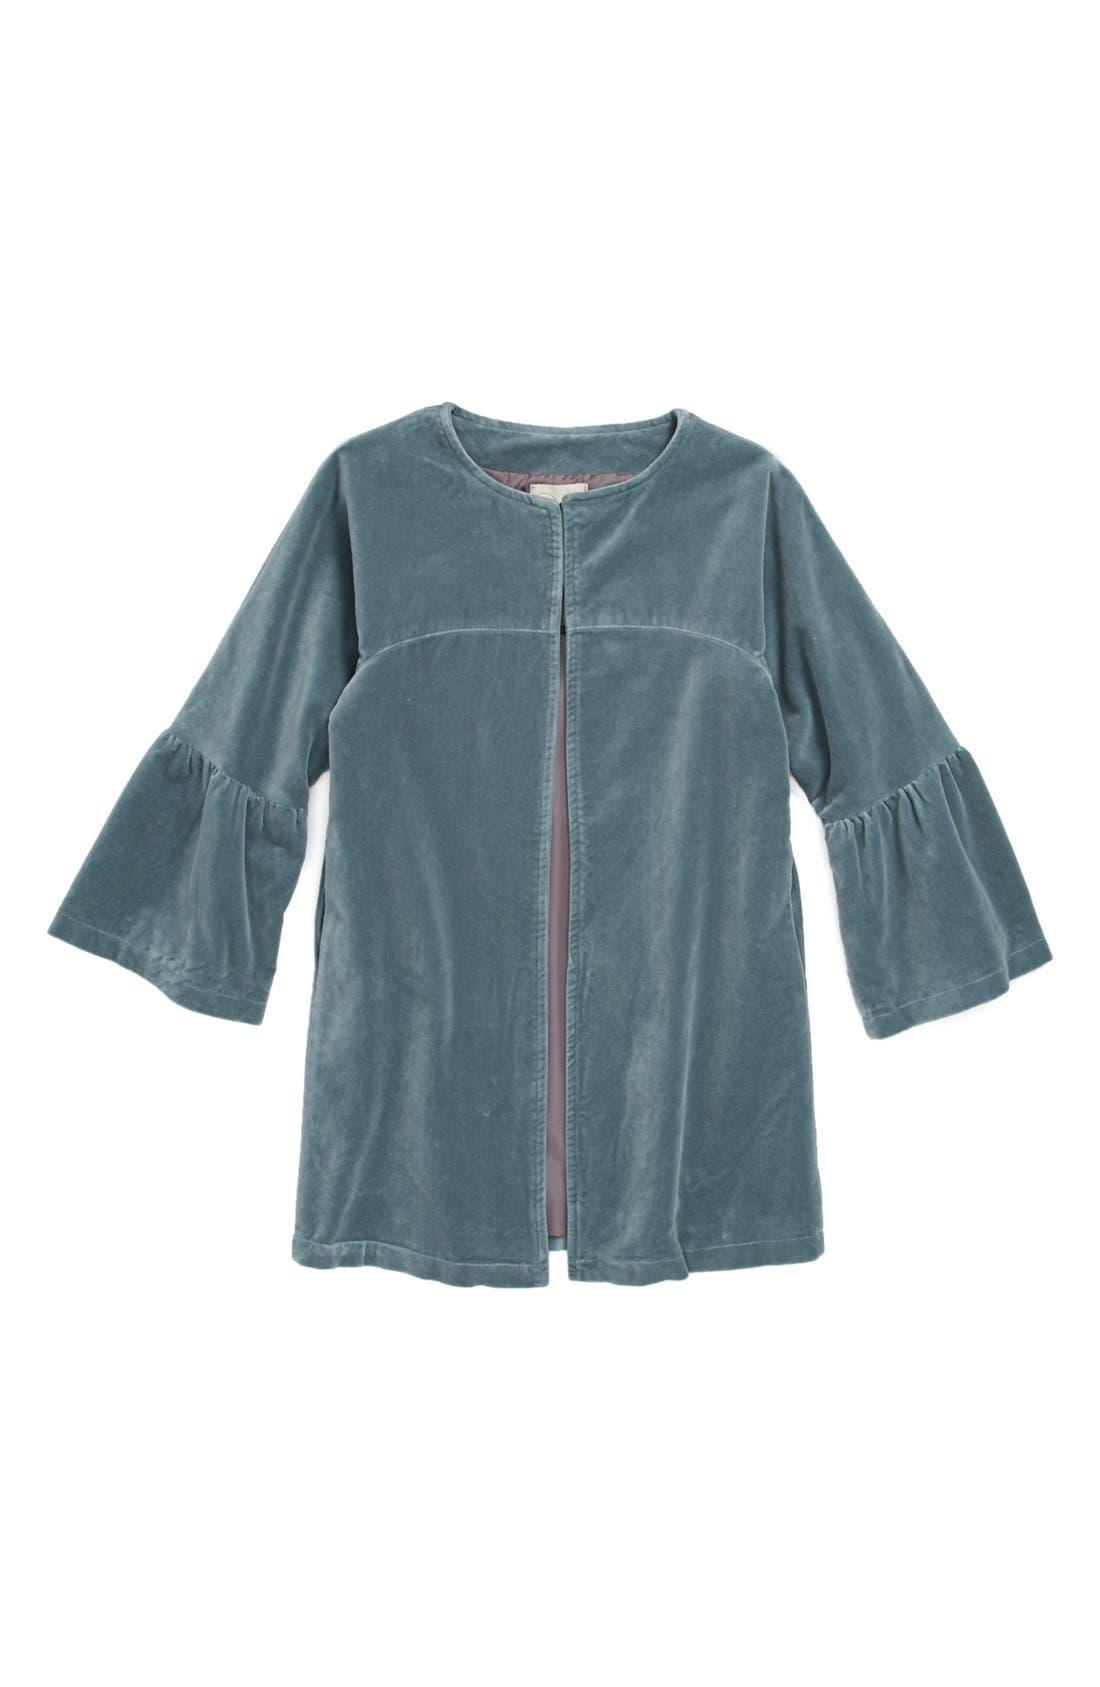 Main Image - Peek 'Florence' Coat (Toddler Girls, Little Girls & Big Girls)